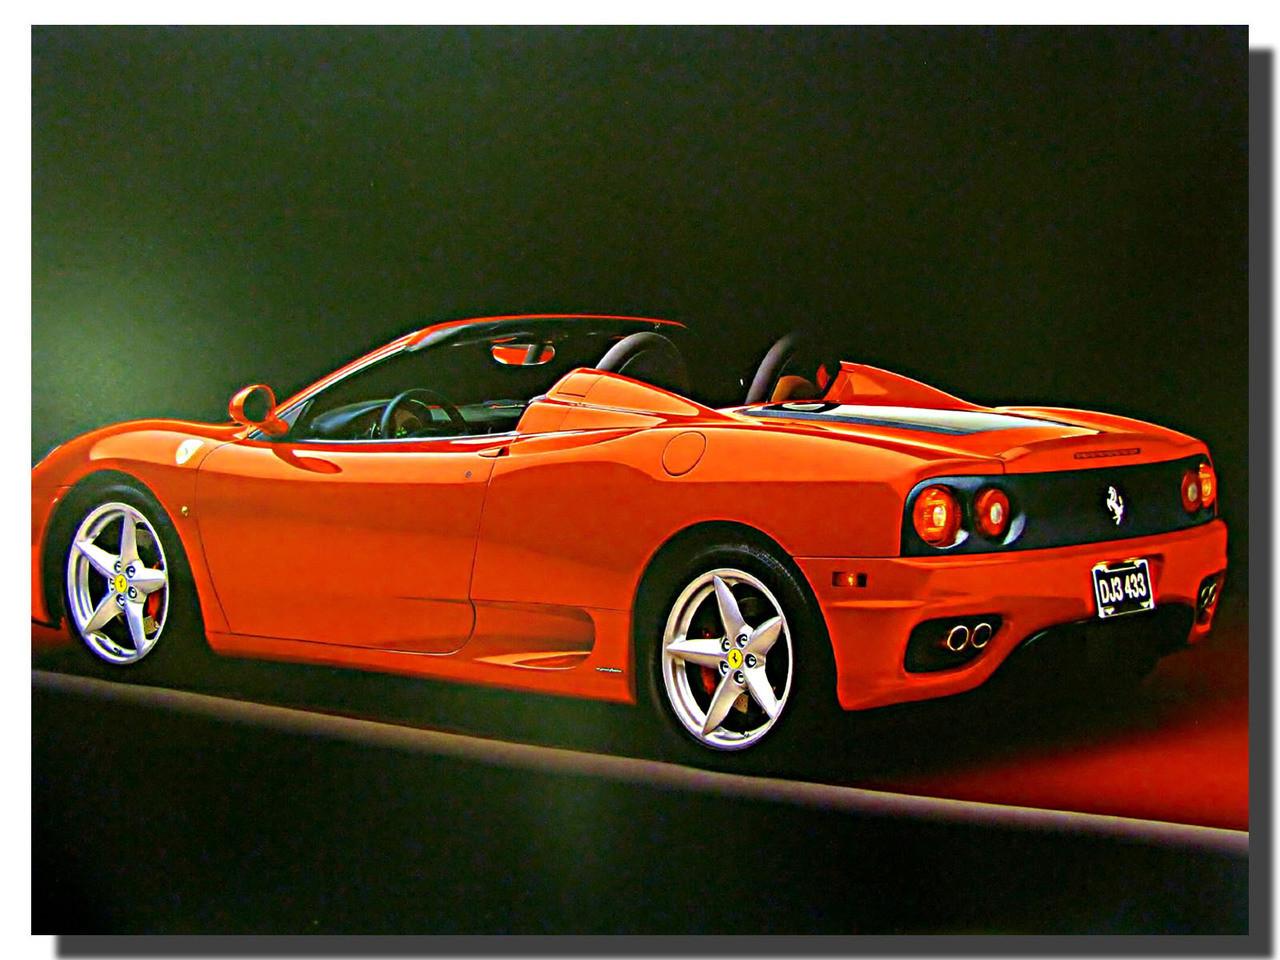 2002 Ferrari 360 Modena F1 Spider Car Poster Car Posters Automotive Posters